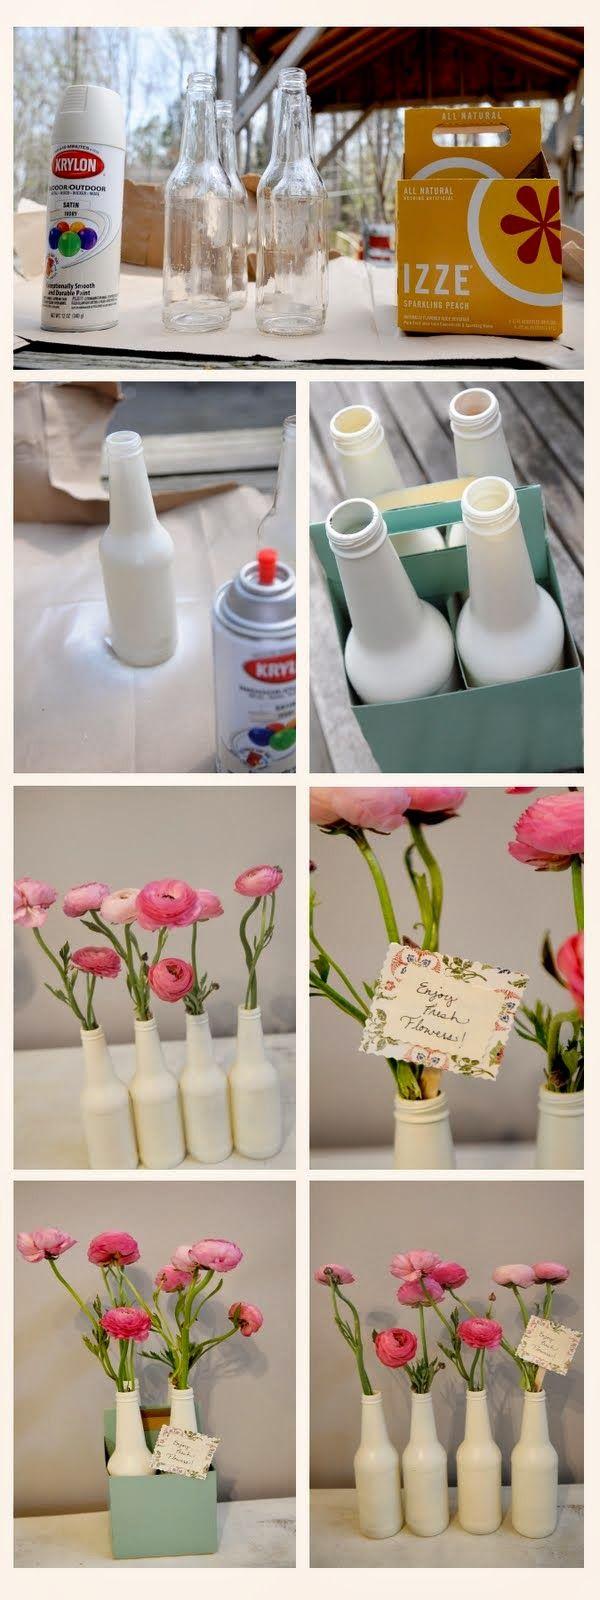 La Buhardilla - Decoración, Diseño y Muebles: D.I.Y. Centro de mesa con botellas de cristal